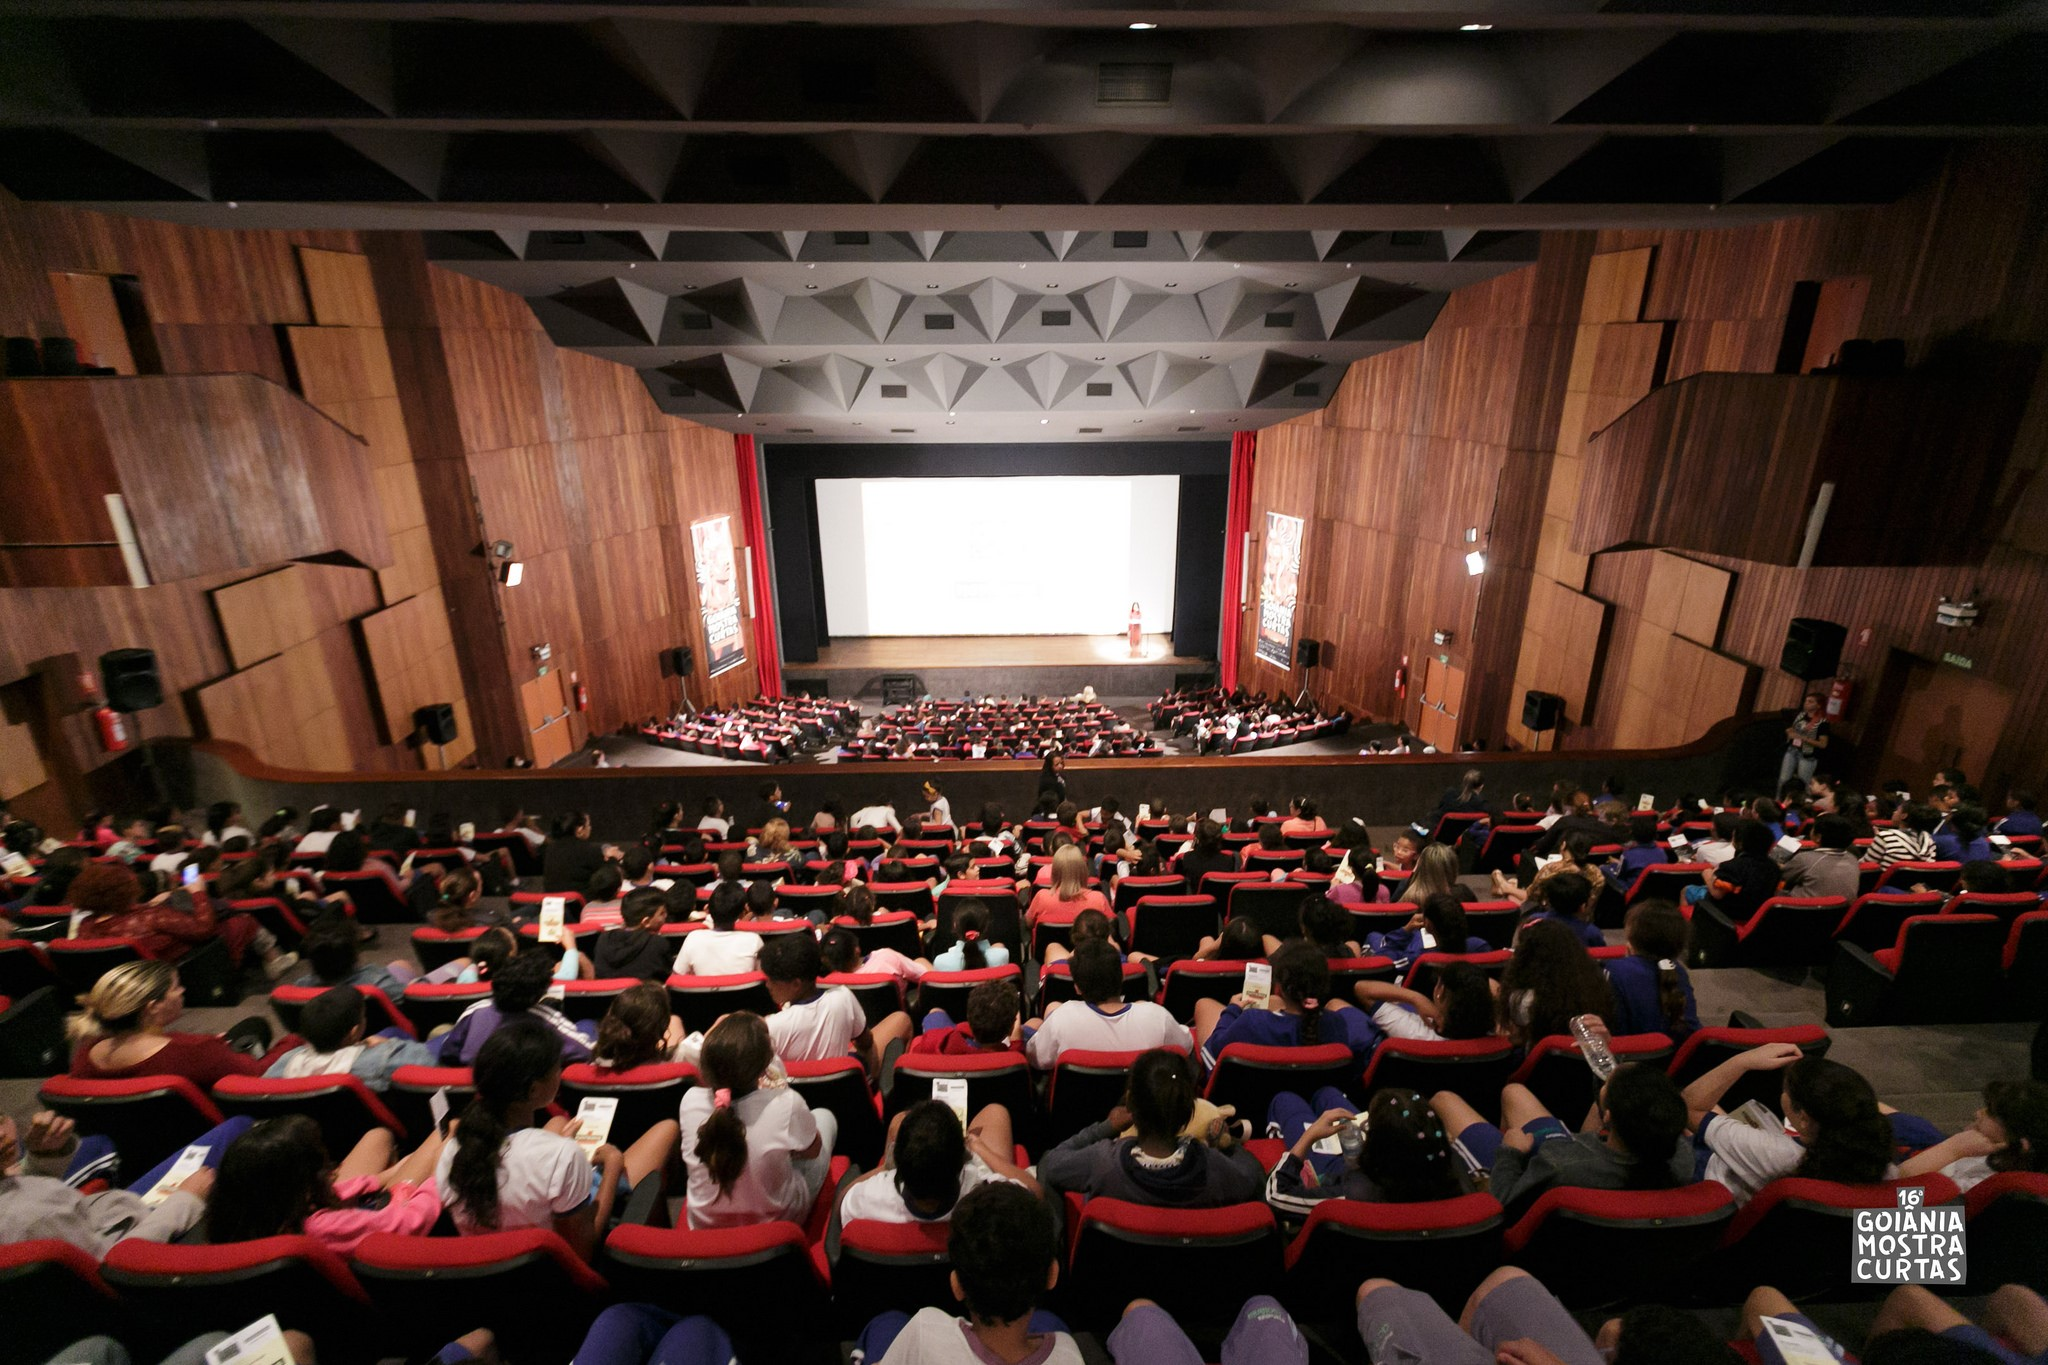 Academia Internacional de Cinema premia os vencedores da 17ª Goiânia Mostra Curtas com bolsas de estudo